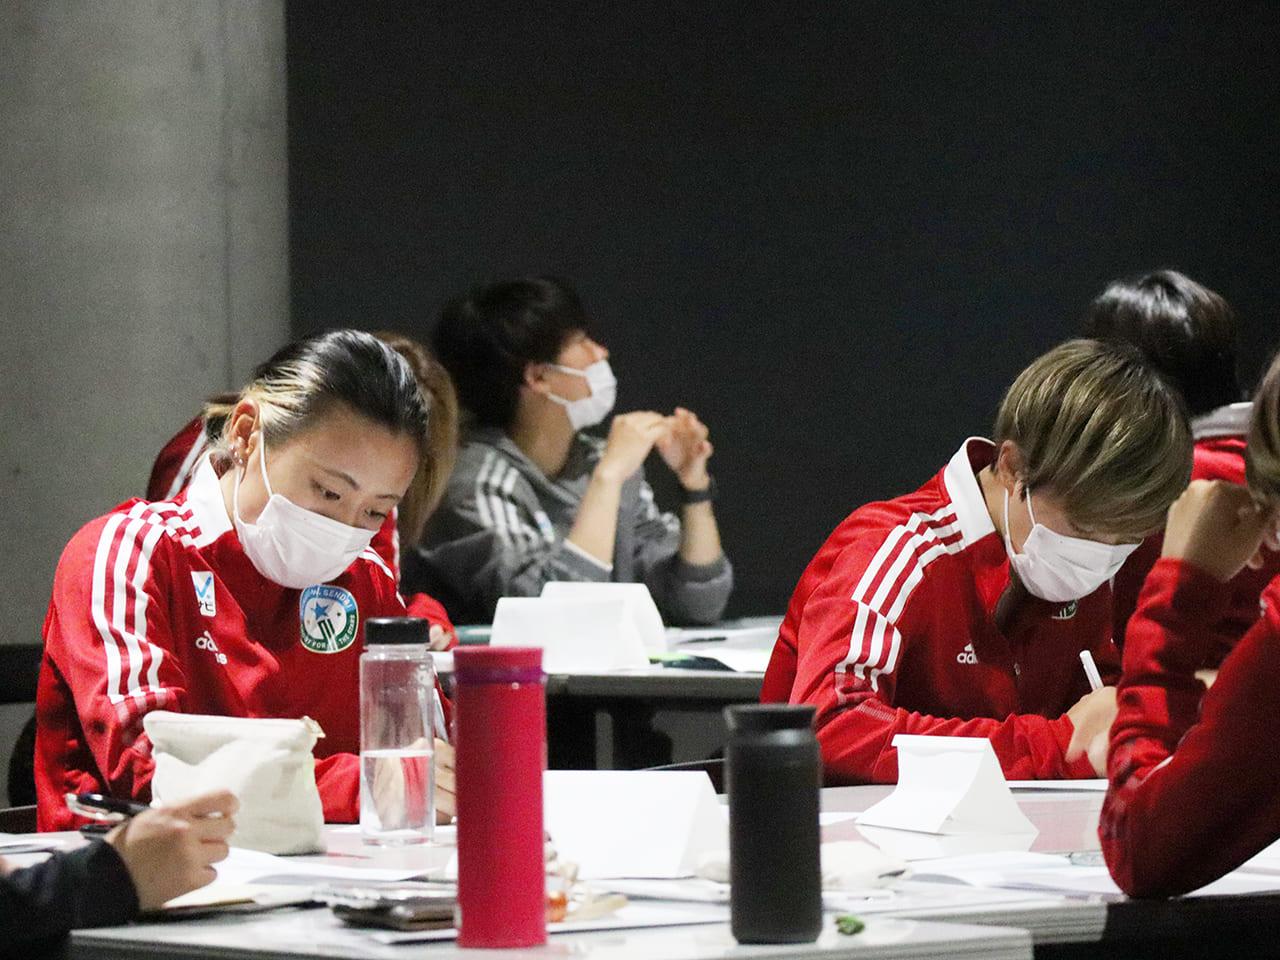 ワークシートに考えをまとめる奥川千沙選手(左)と西澤日菜乃選手(右)